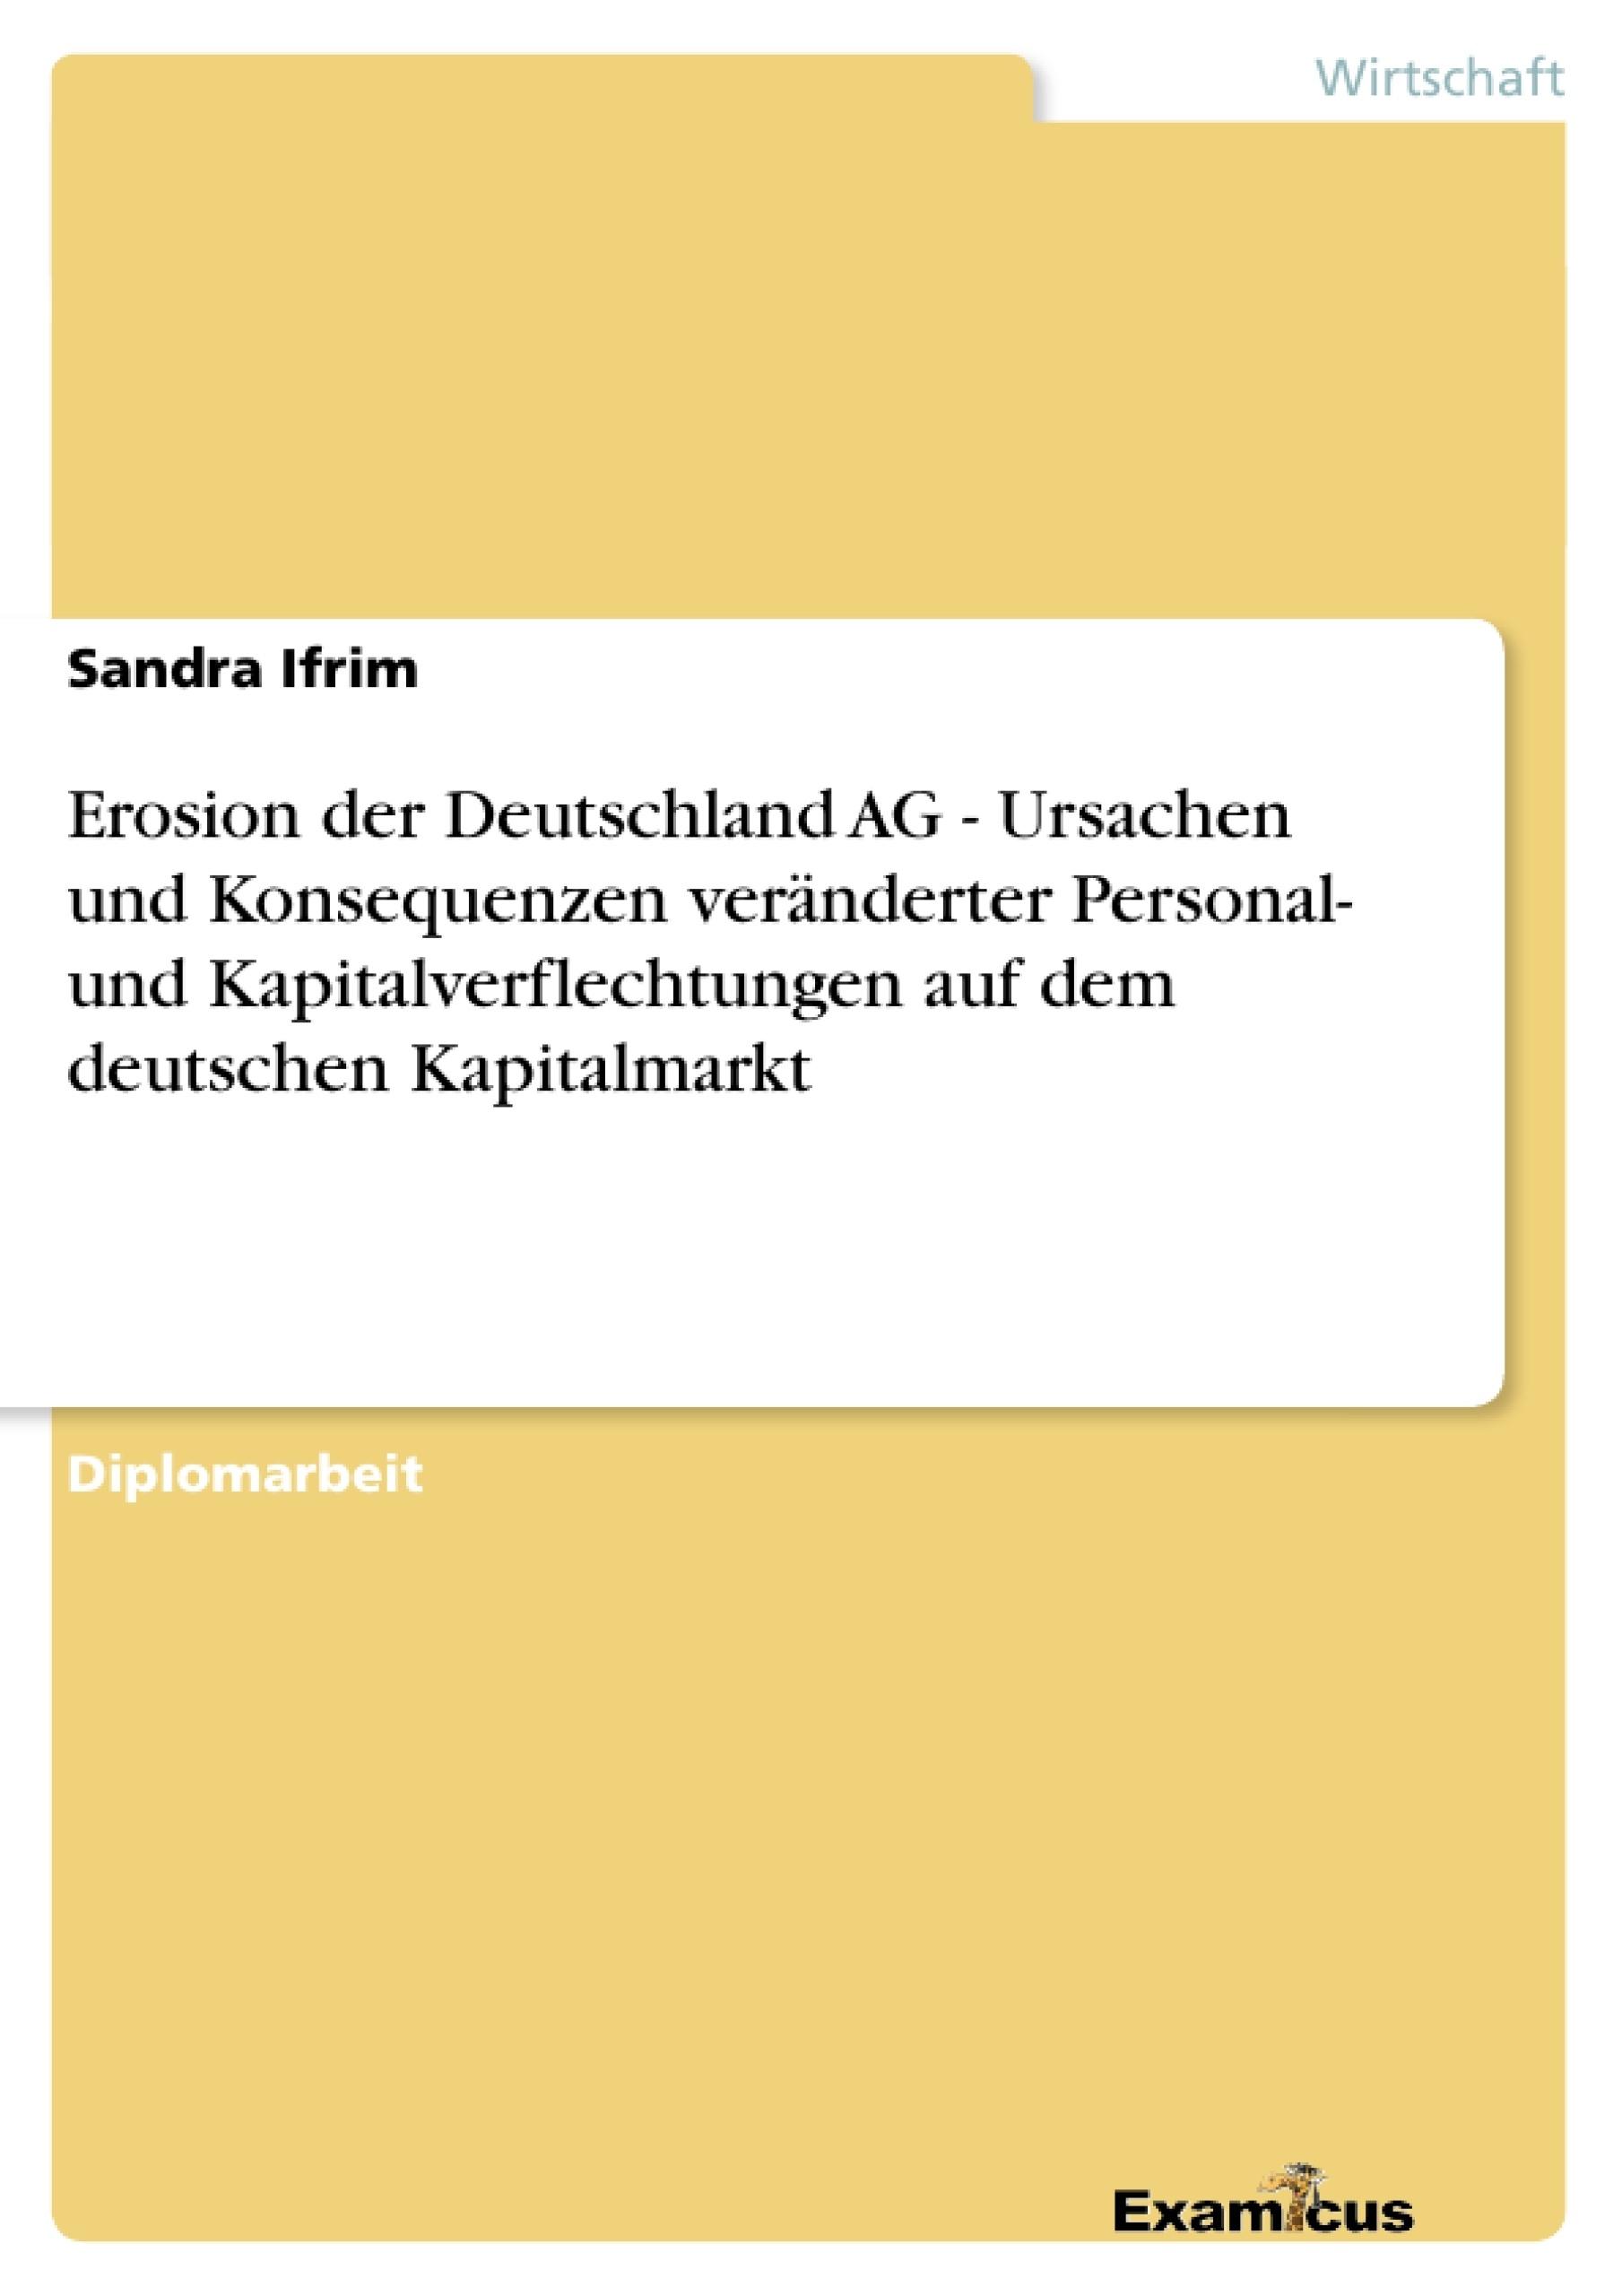 Titel: Erosion der Deutschland AG - Ursachen und Konsequenzen veränderter Personal- und Kapitalverflechtungen auf dem deutschen Kapitalmarkt